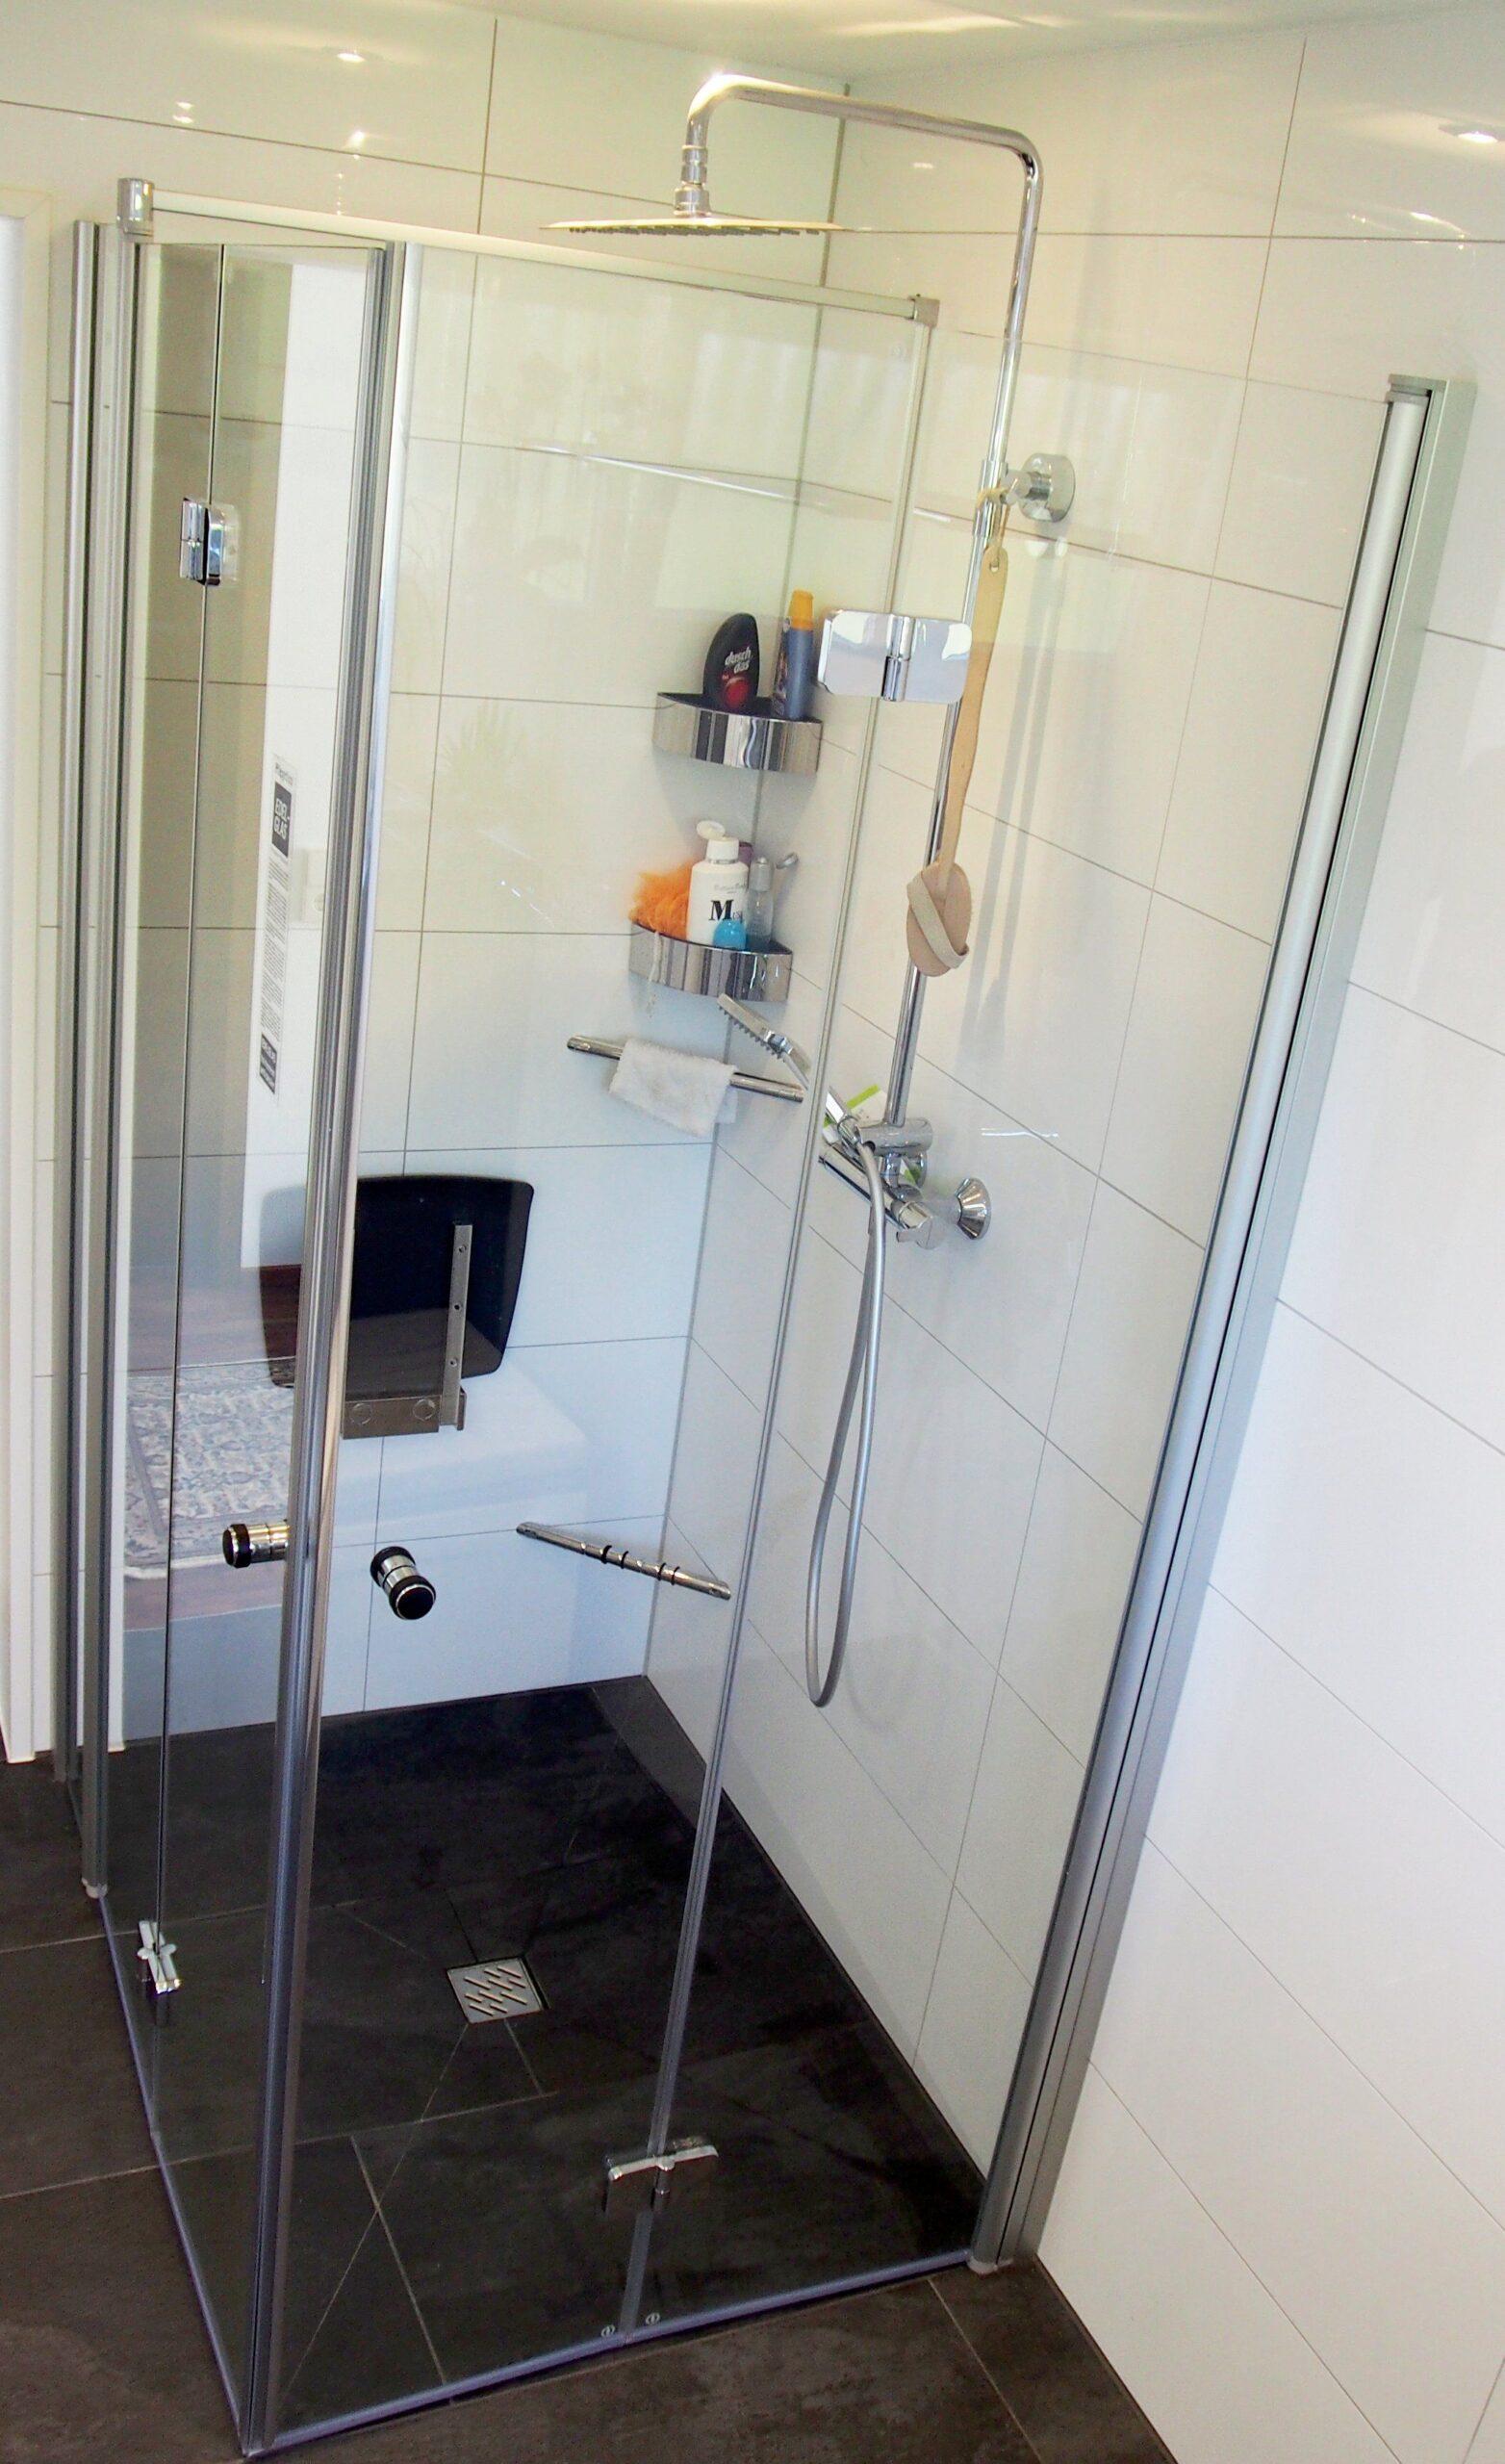 Full Size of Bodengleiche Dusche Mit Duschsitz Und Falttren Glasabtrennung Einbauen Thermostat Breuer Duschen Begehbare Fliesen Mischbatterie Koralle Schulte Werksverkauf Dusche Bodengleiche Dusche